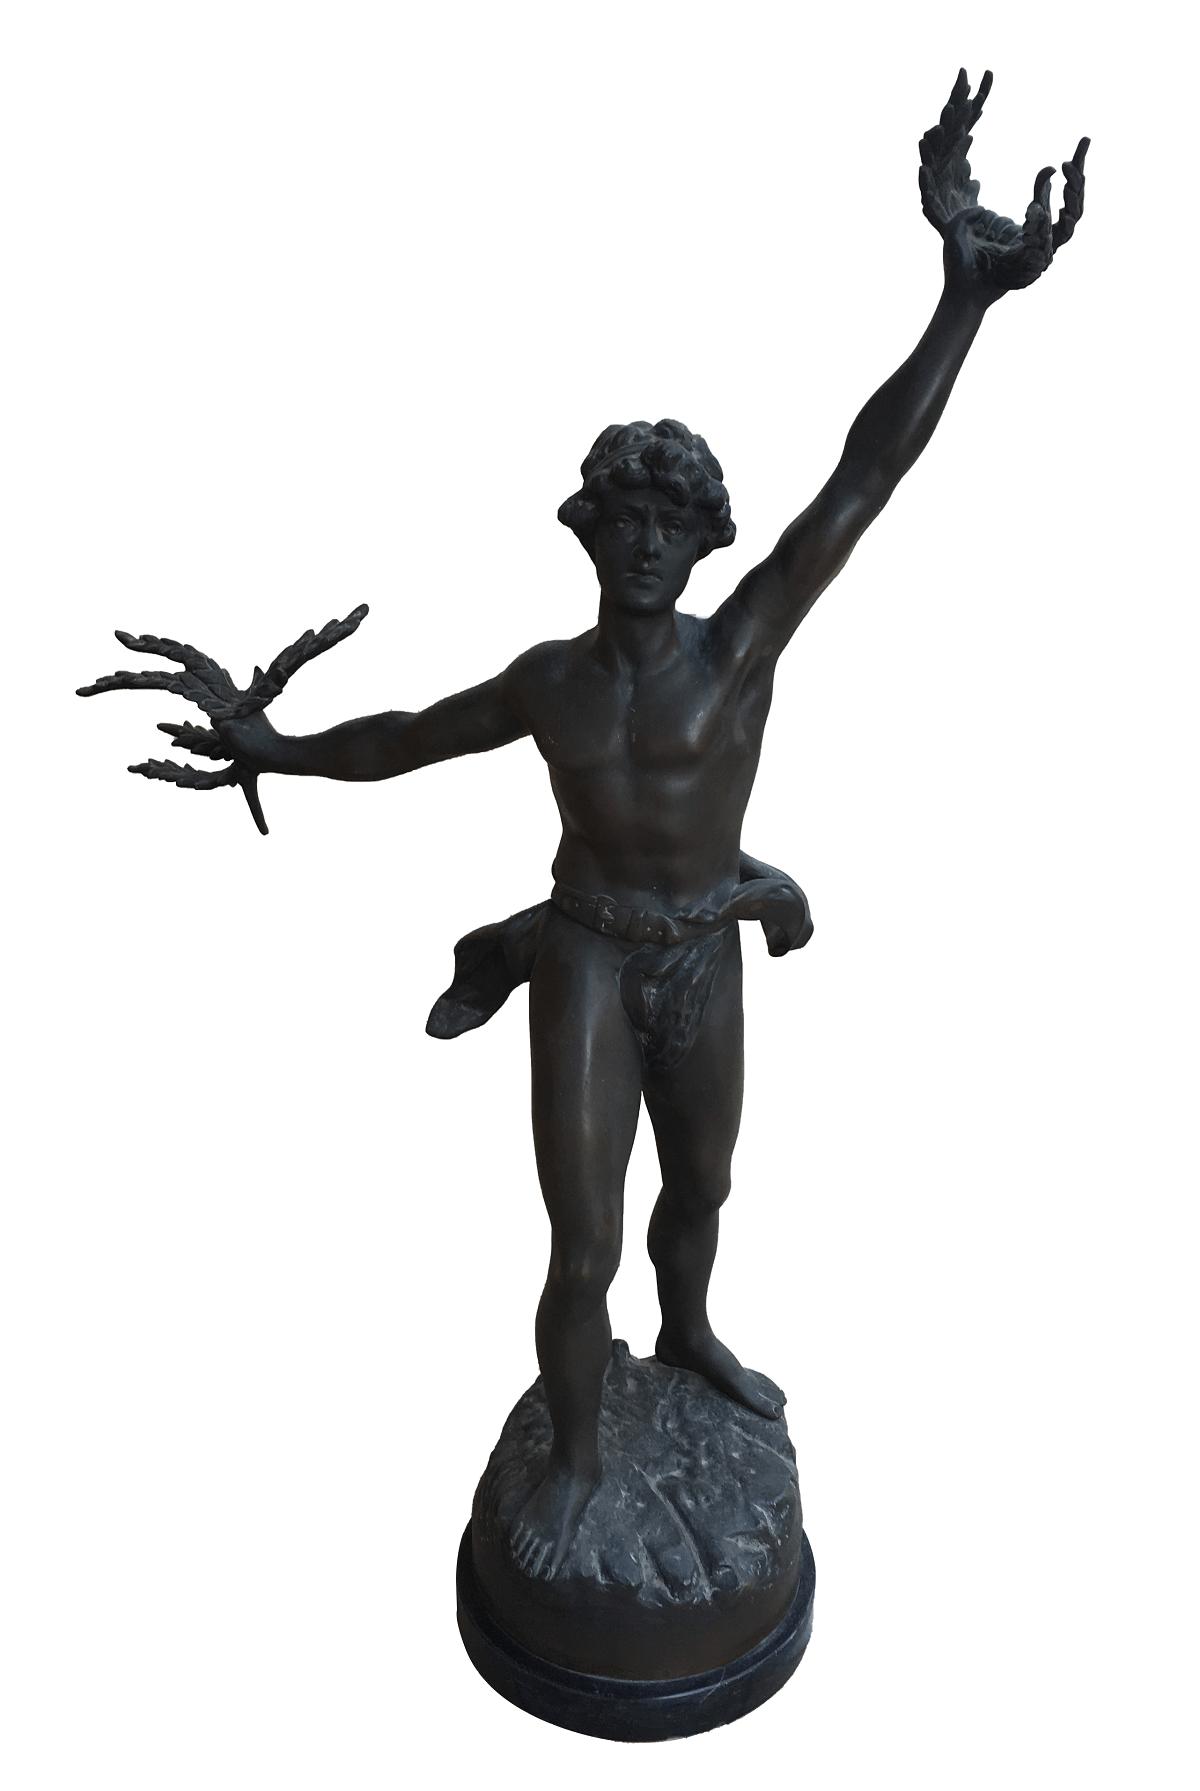 Magnifica Escultura Antiga Em Bronze Assinada 85cm